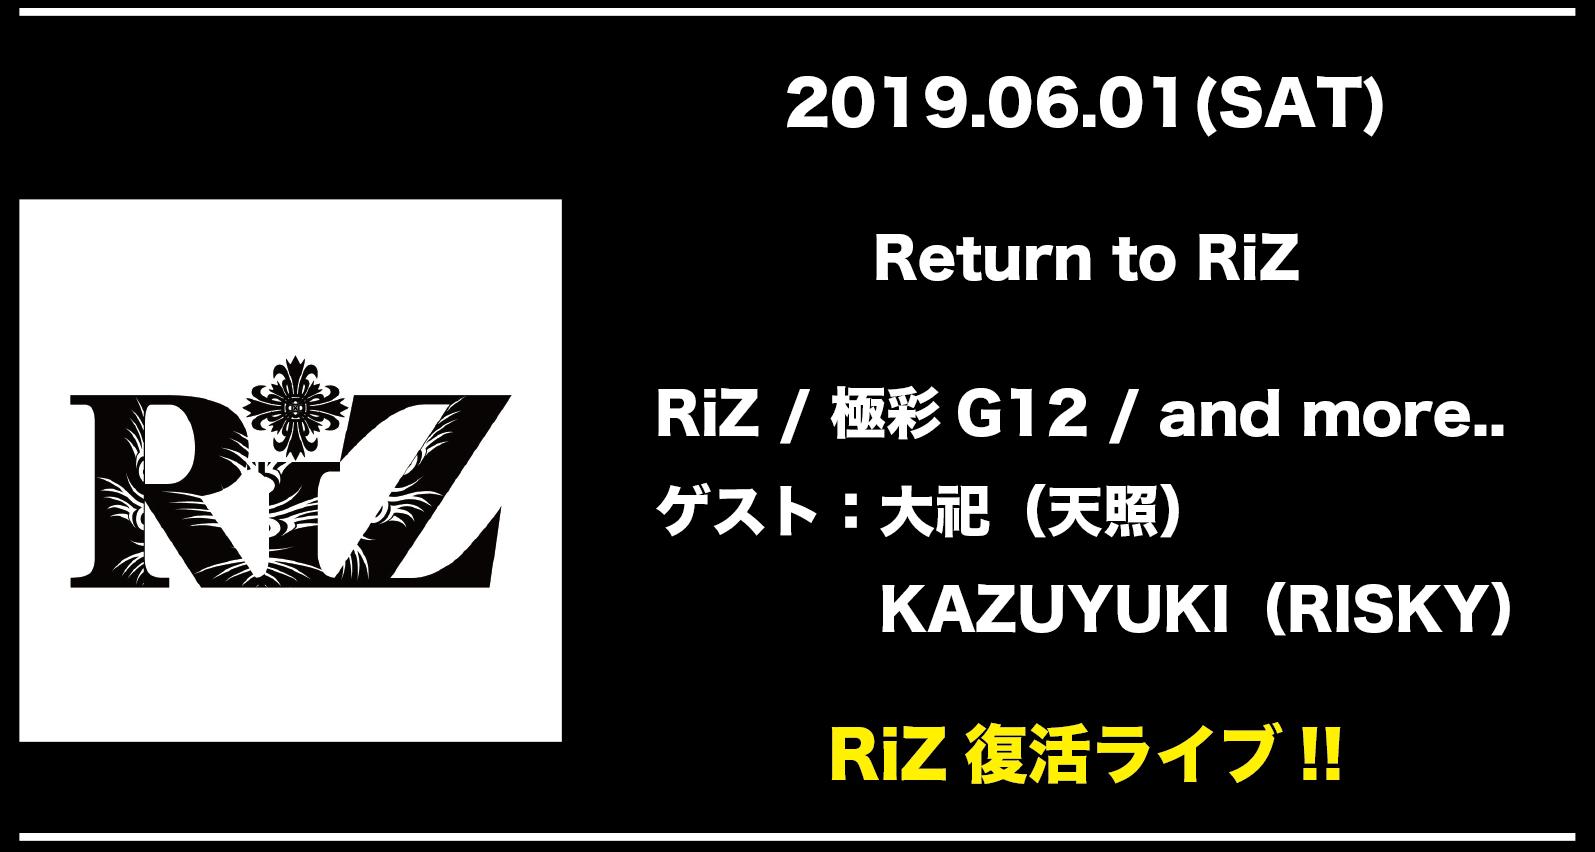 Return to RiZ